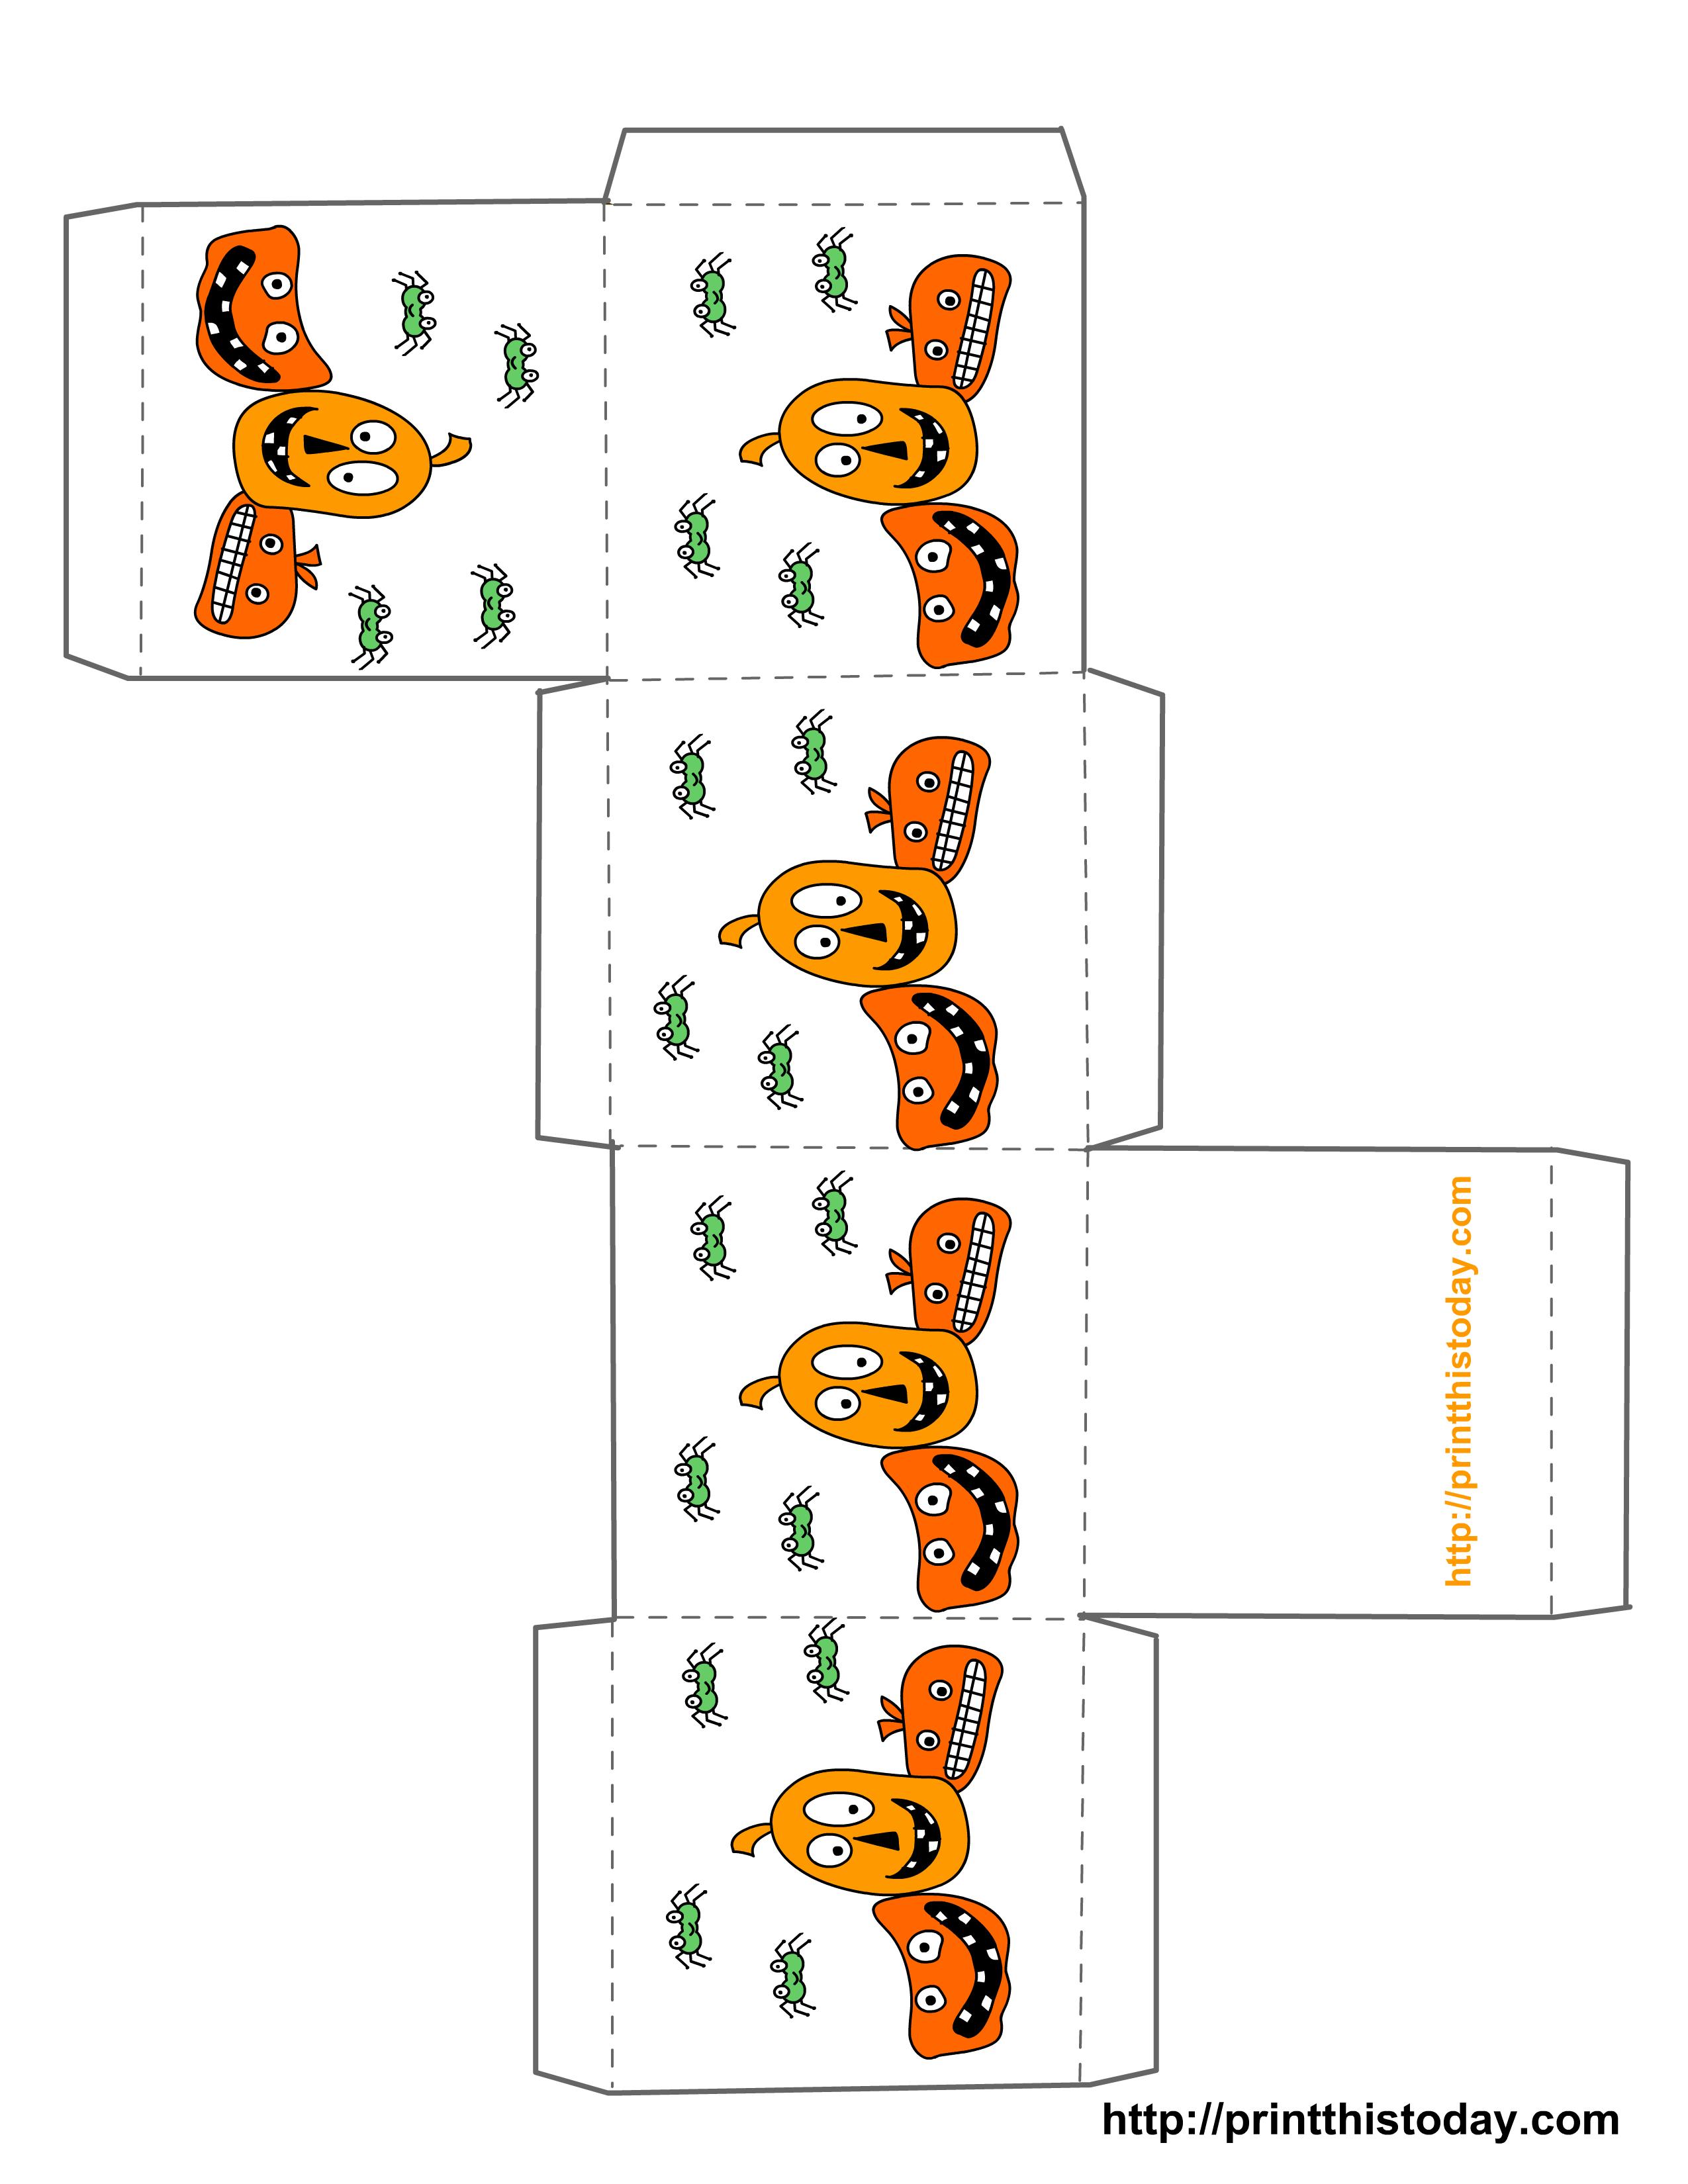 Free Printable Halloween Treat Boxes Templates - Free Printable Halloween Paper Crafts